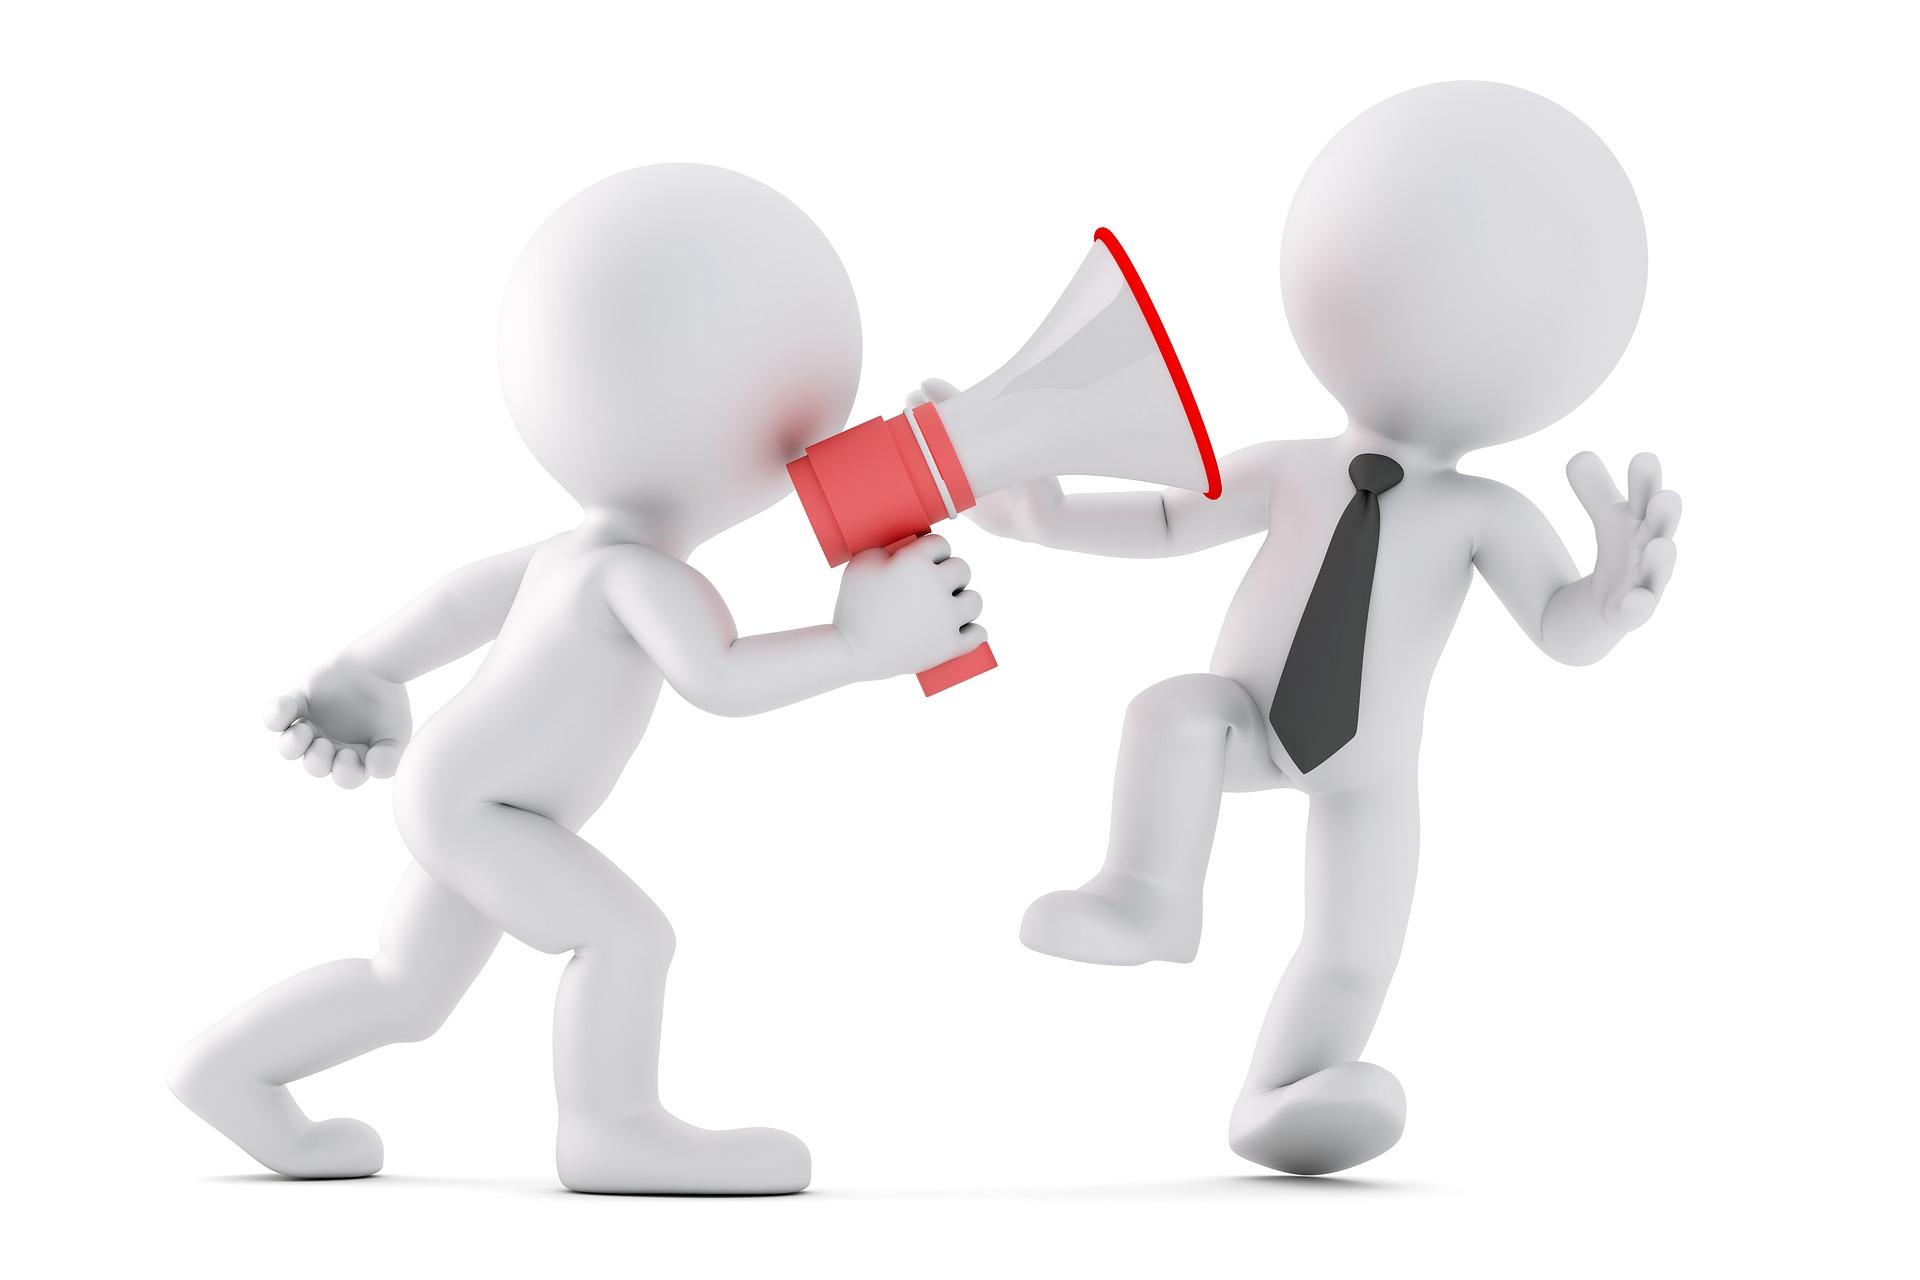 Pour bien communiquer, utilisez la méthode OSBD!